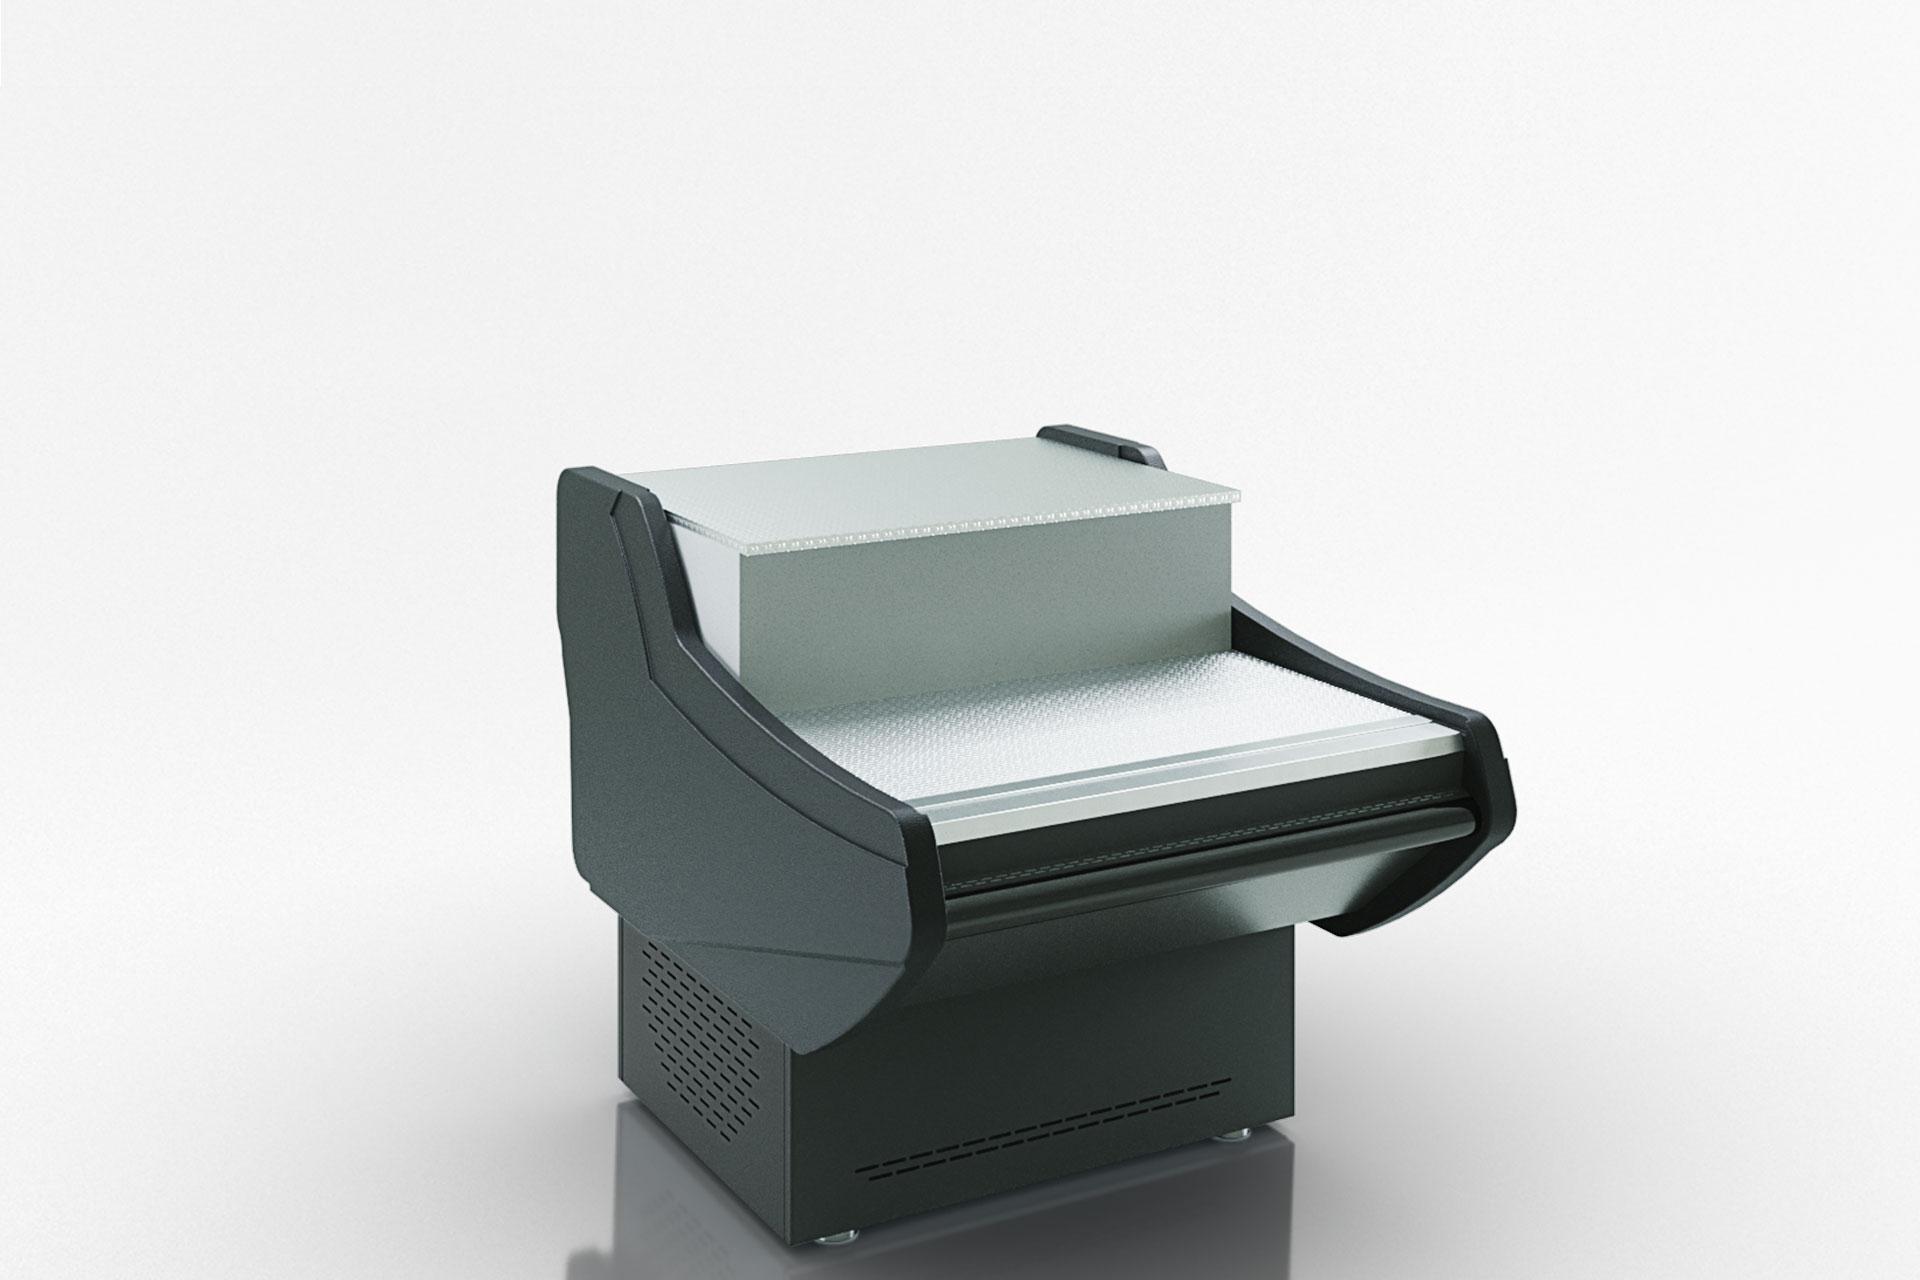 Counter Georgia NG 120 cash desk 093